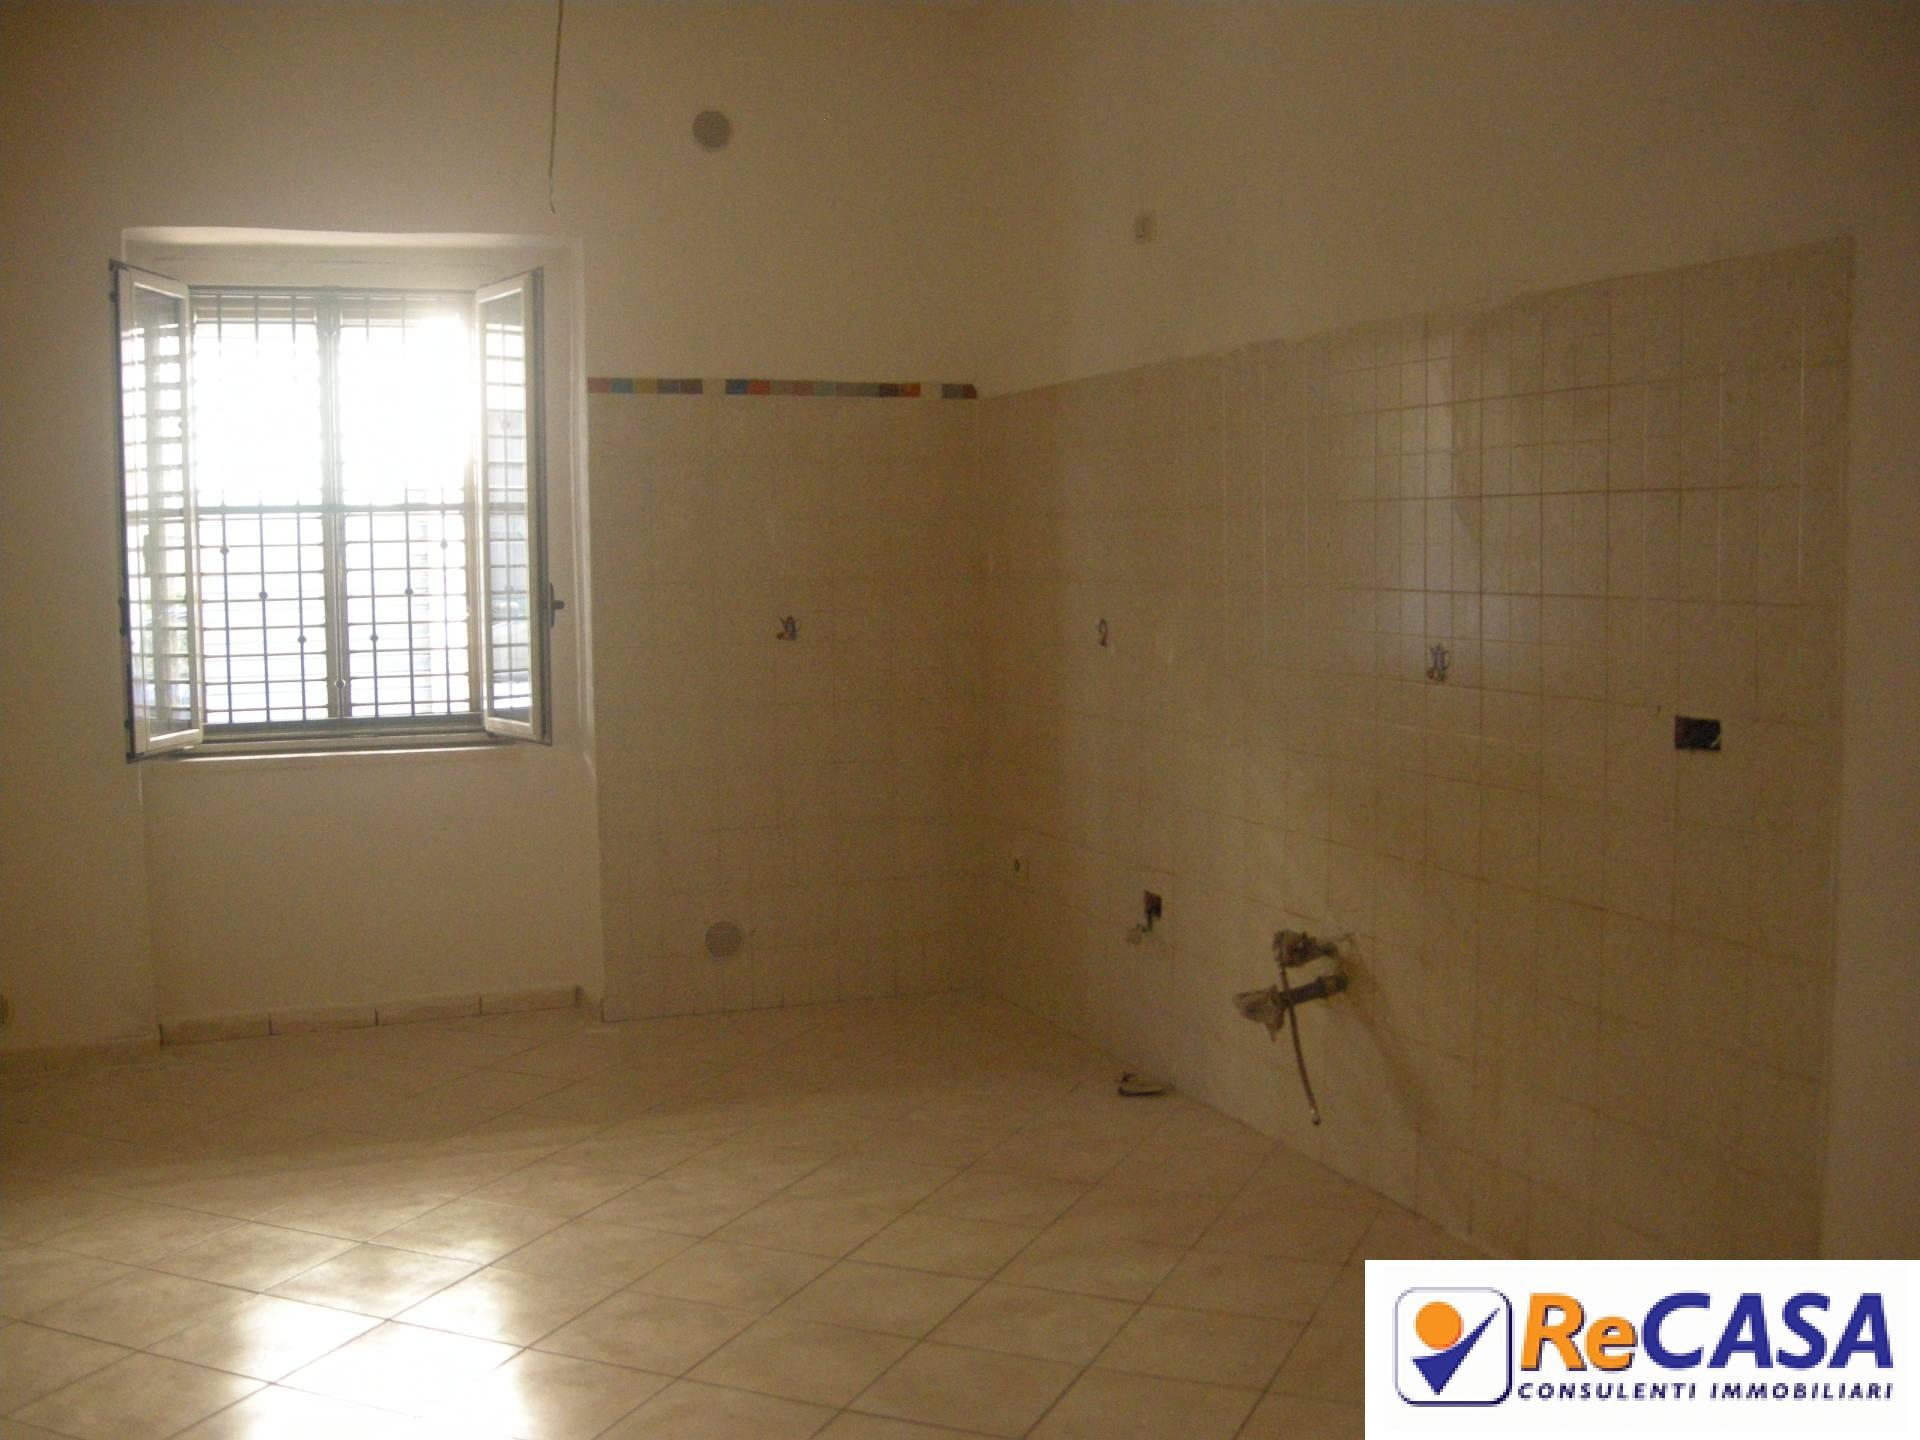 Appartamento in affitto a Bellizzi, 3 locali, zona Località: Centro, prezzo € 380 | CambioCasa.it